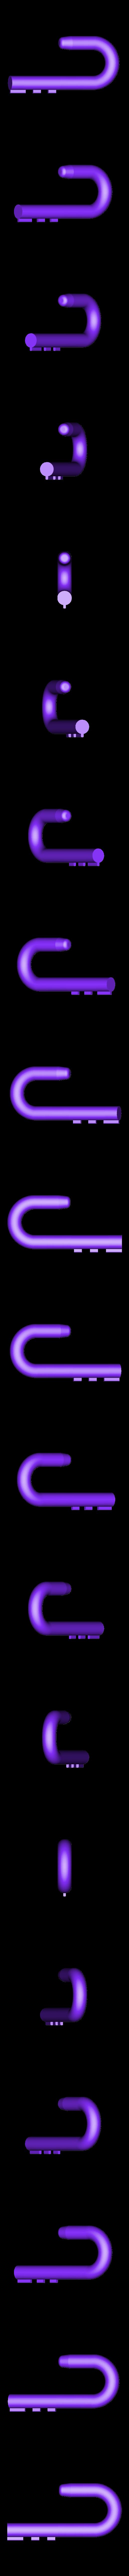 3Hook.stl Télécharger fichier STL gratuit Kit de verrouillage de permutation personnalisable (verrouillage à combinaison) • Objet pour impression 3D, plasticpasta